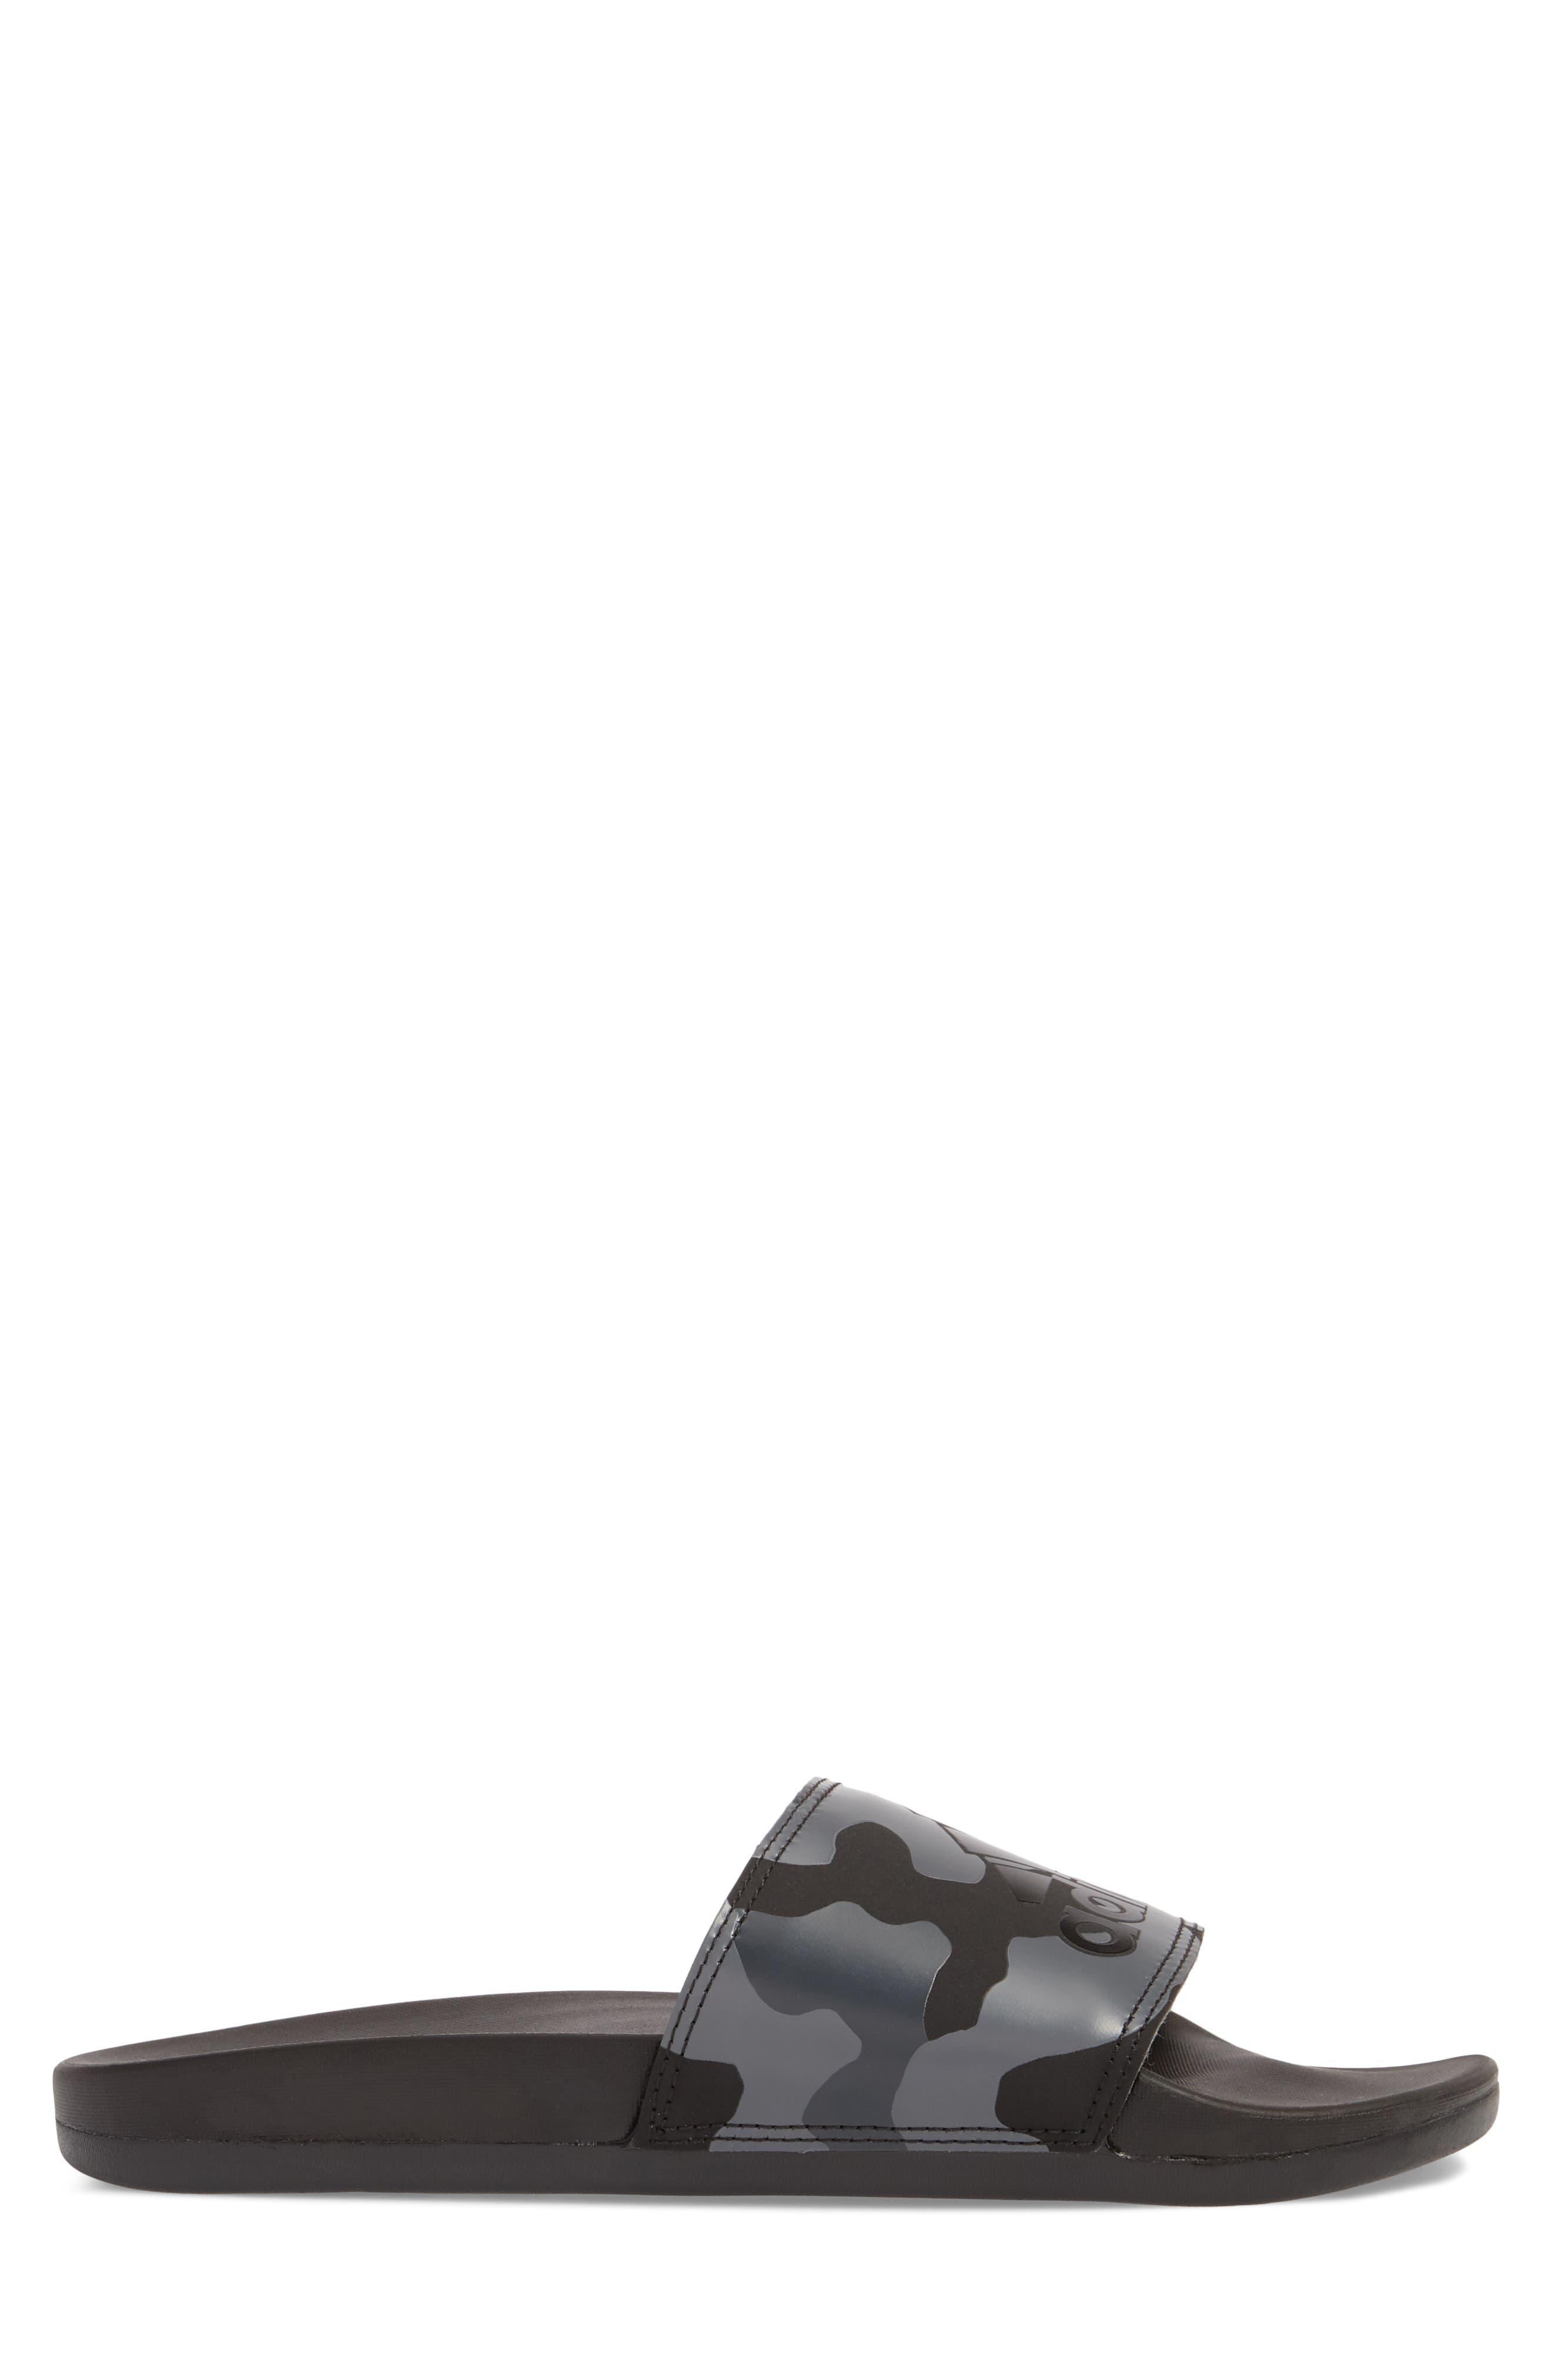 Cloudfoam Plus Slide Sandal,                             Alternate thumbnail 3, color,                             Core Black/ White/ Carbon